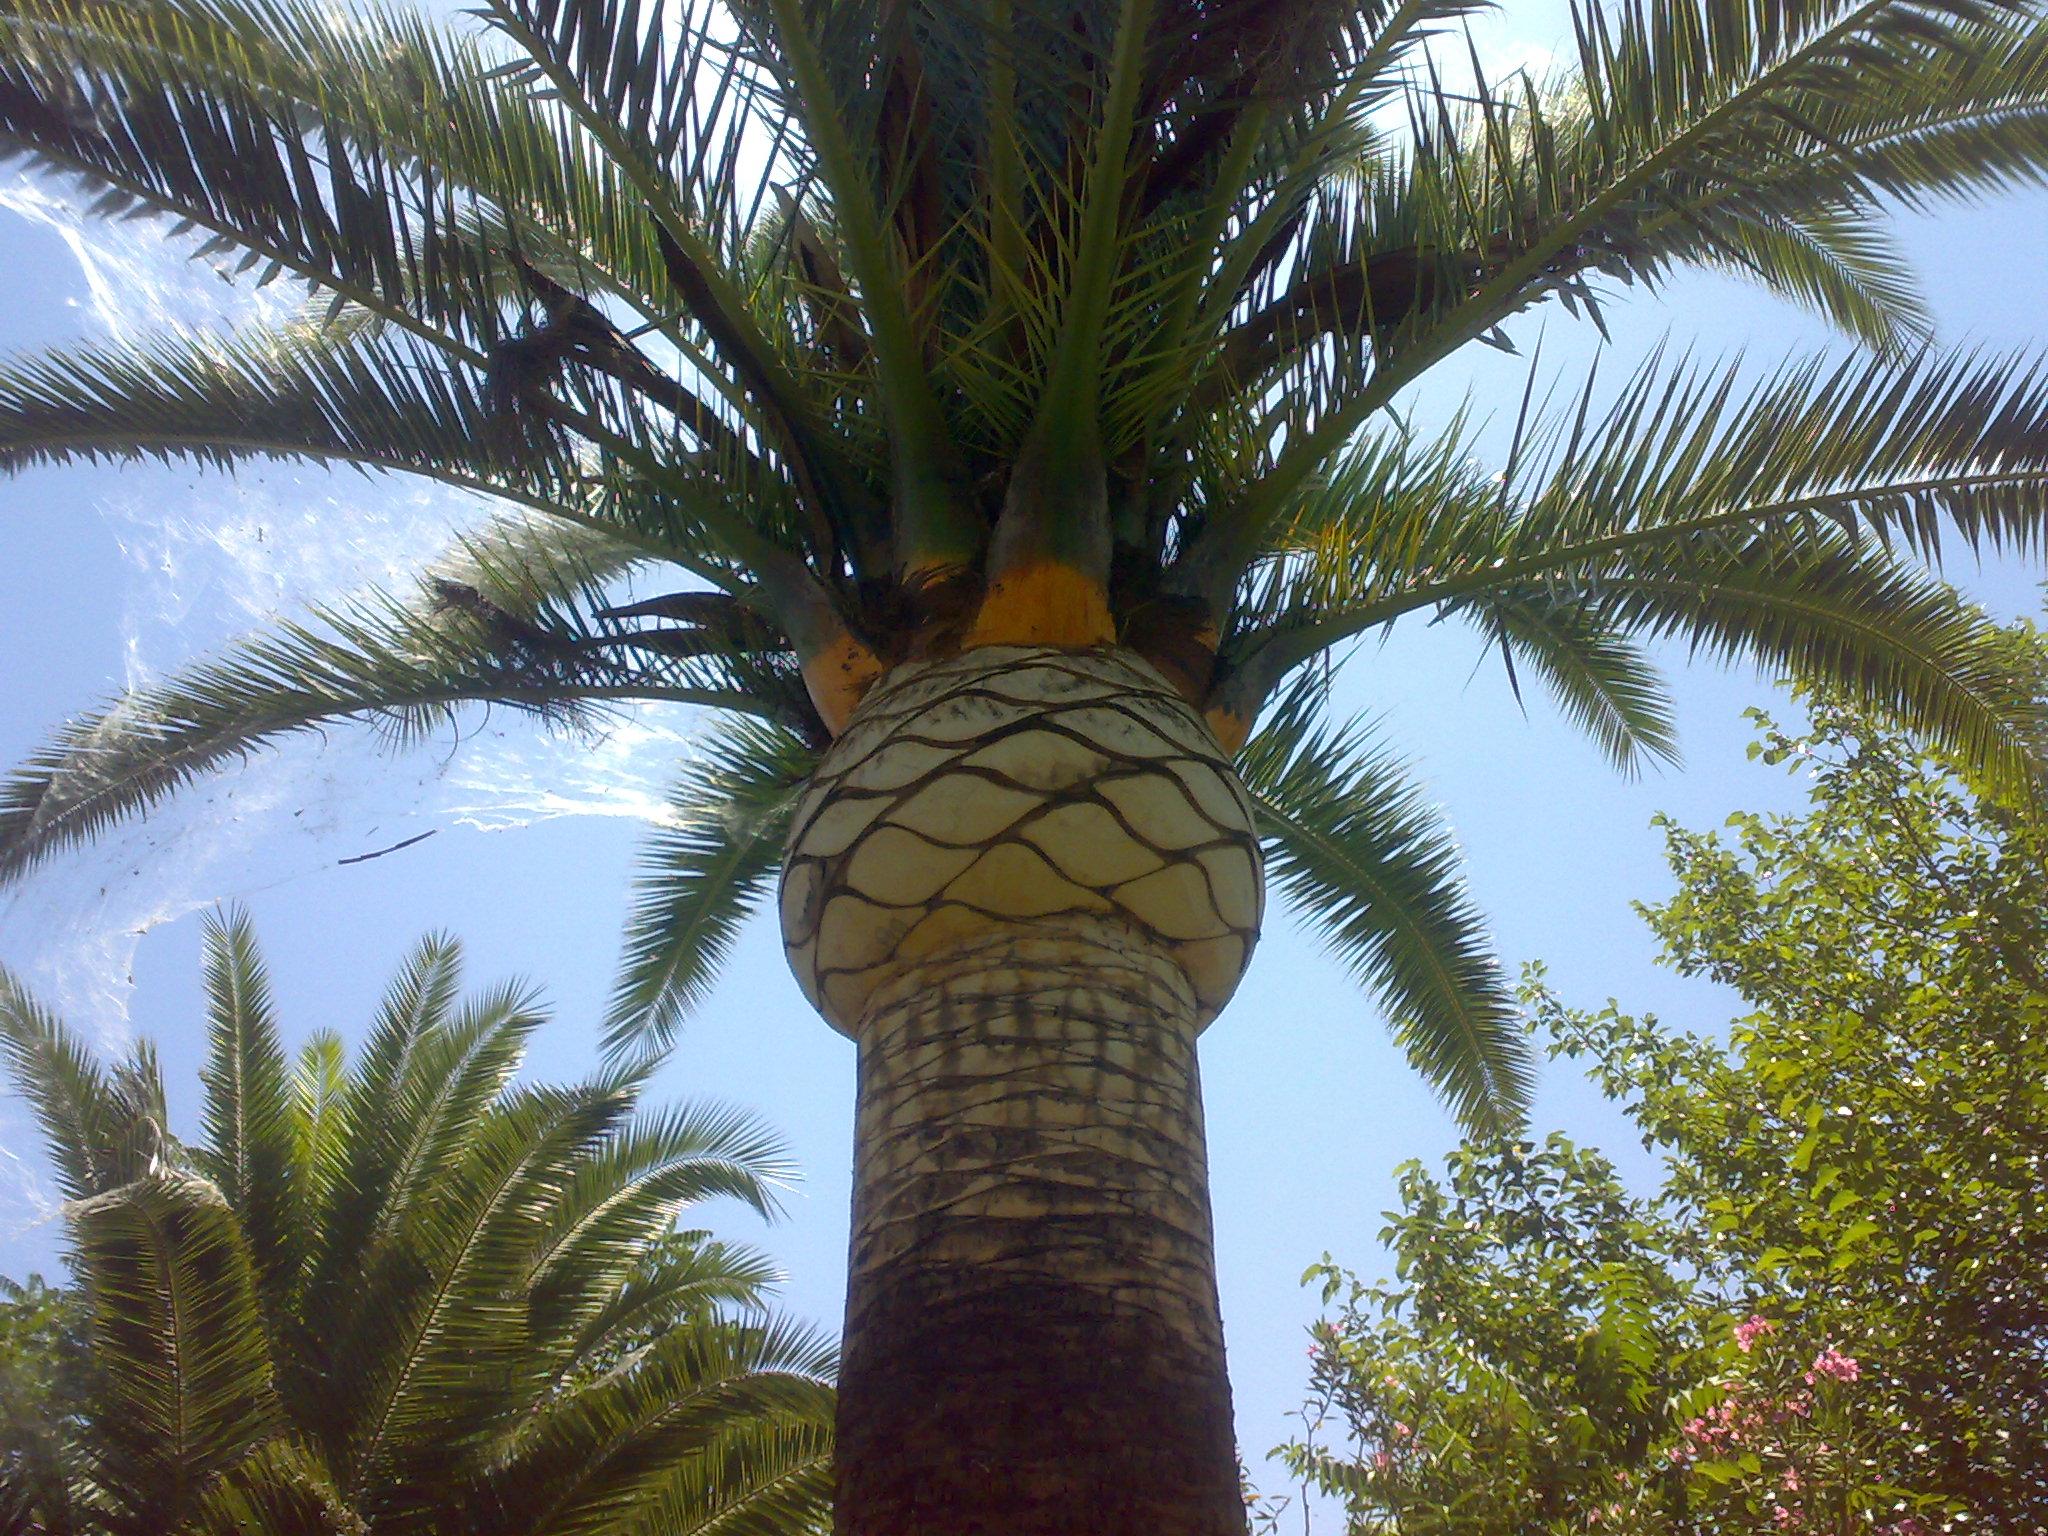 Jardineria tierra santa mantenimiento de jardines - Jardines con palmeras ...